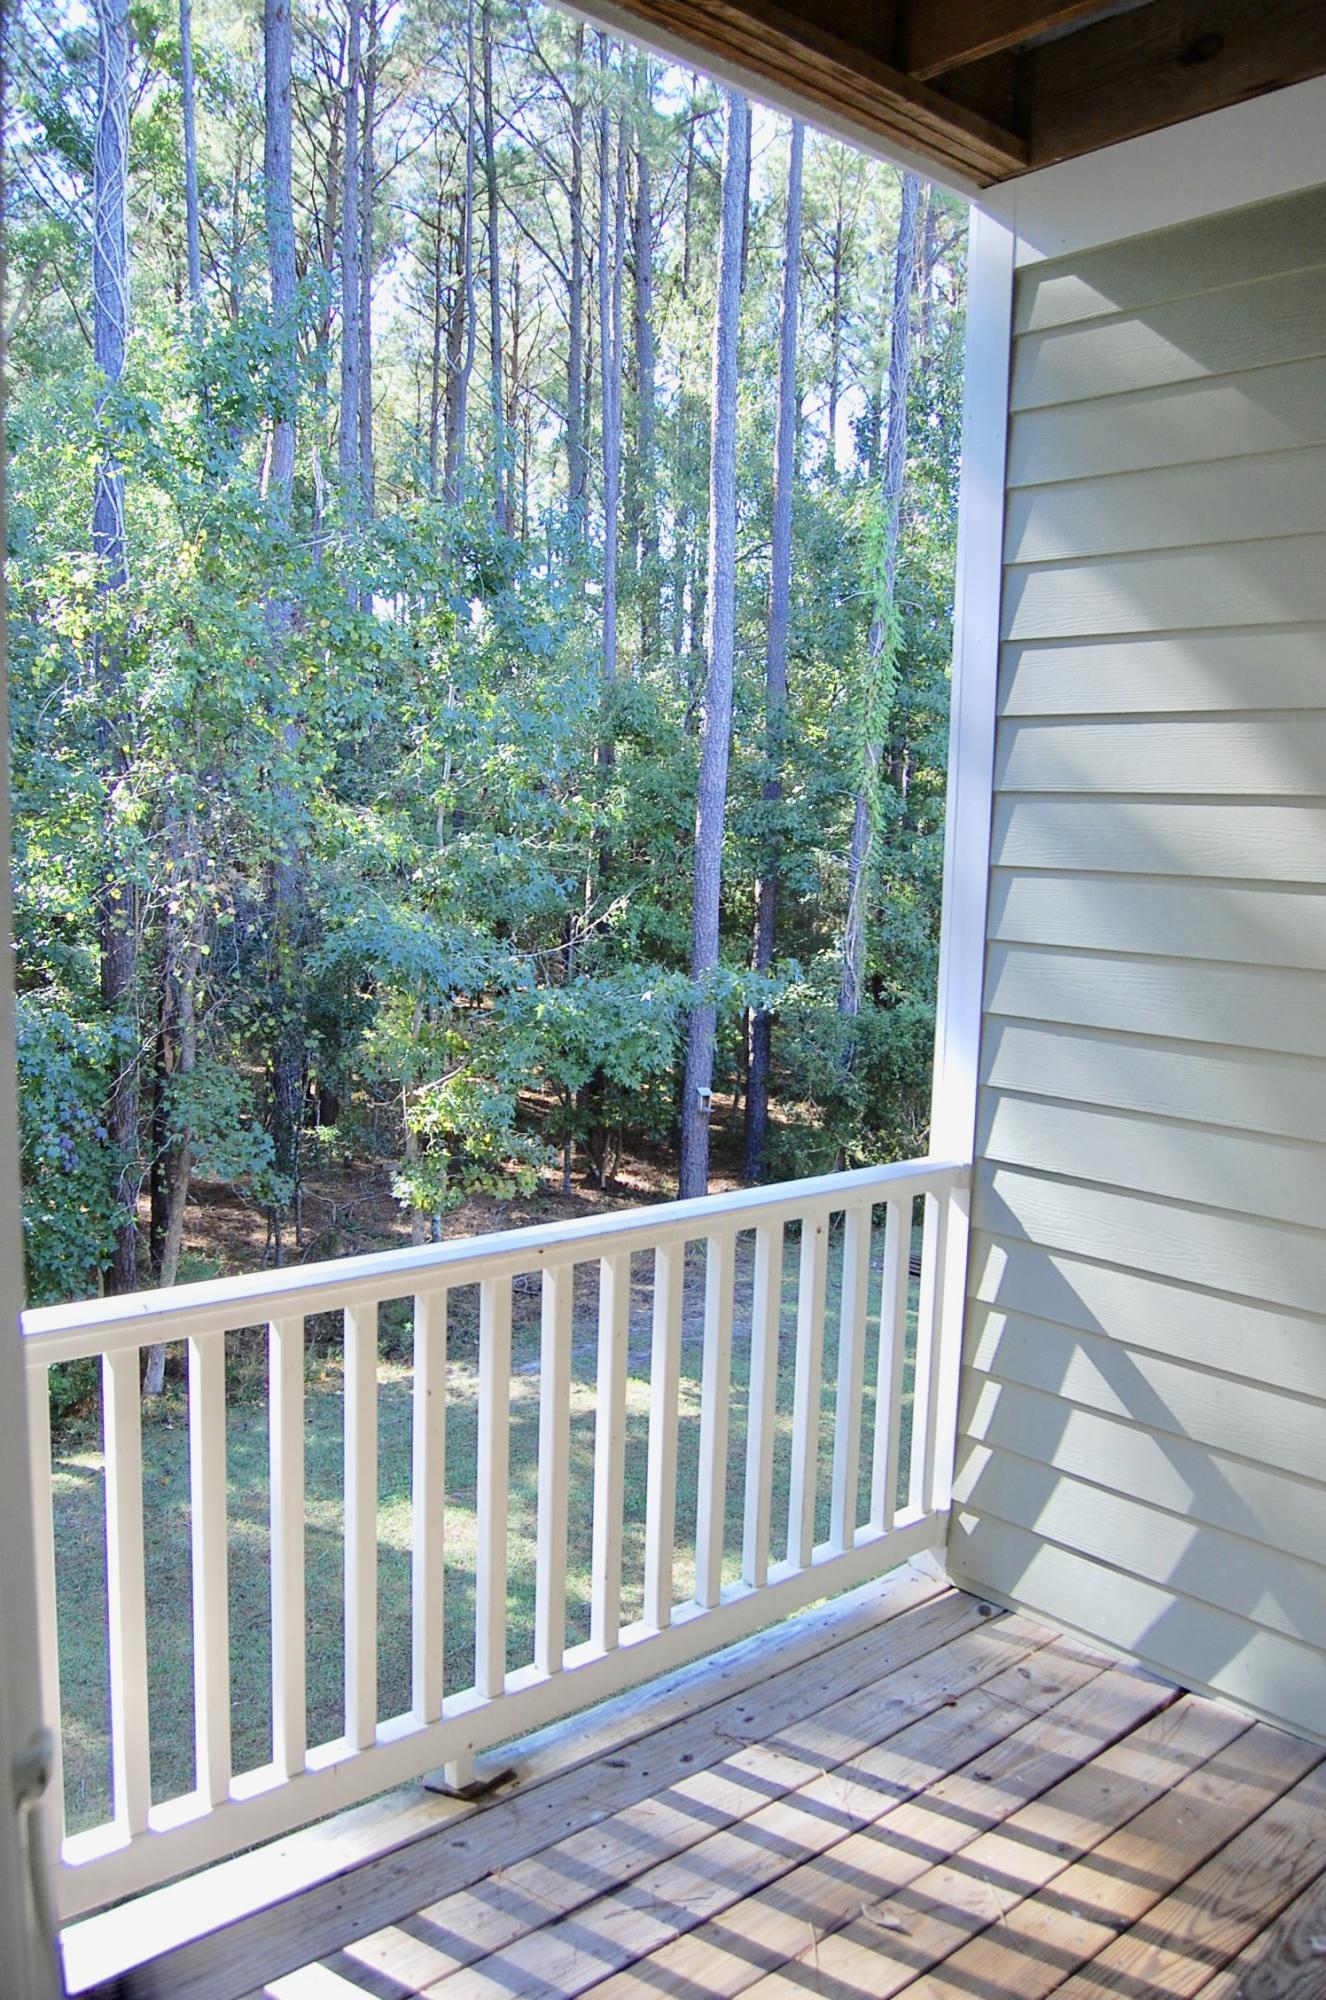 Park West Homes For Sale - 3529 Claremont, Mount Pleasant, SC - 9